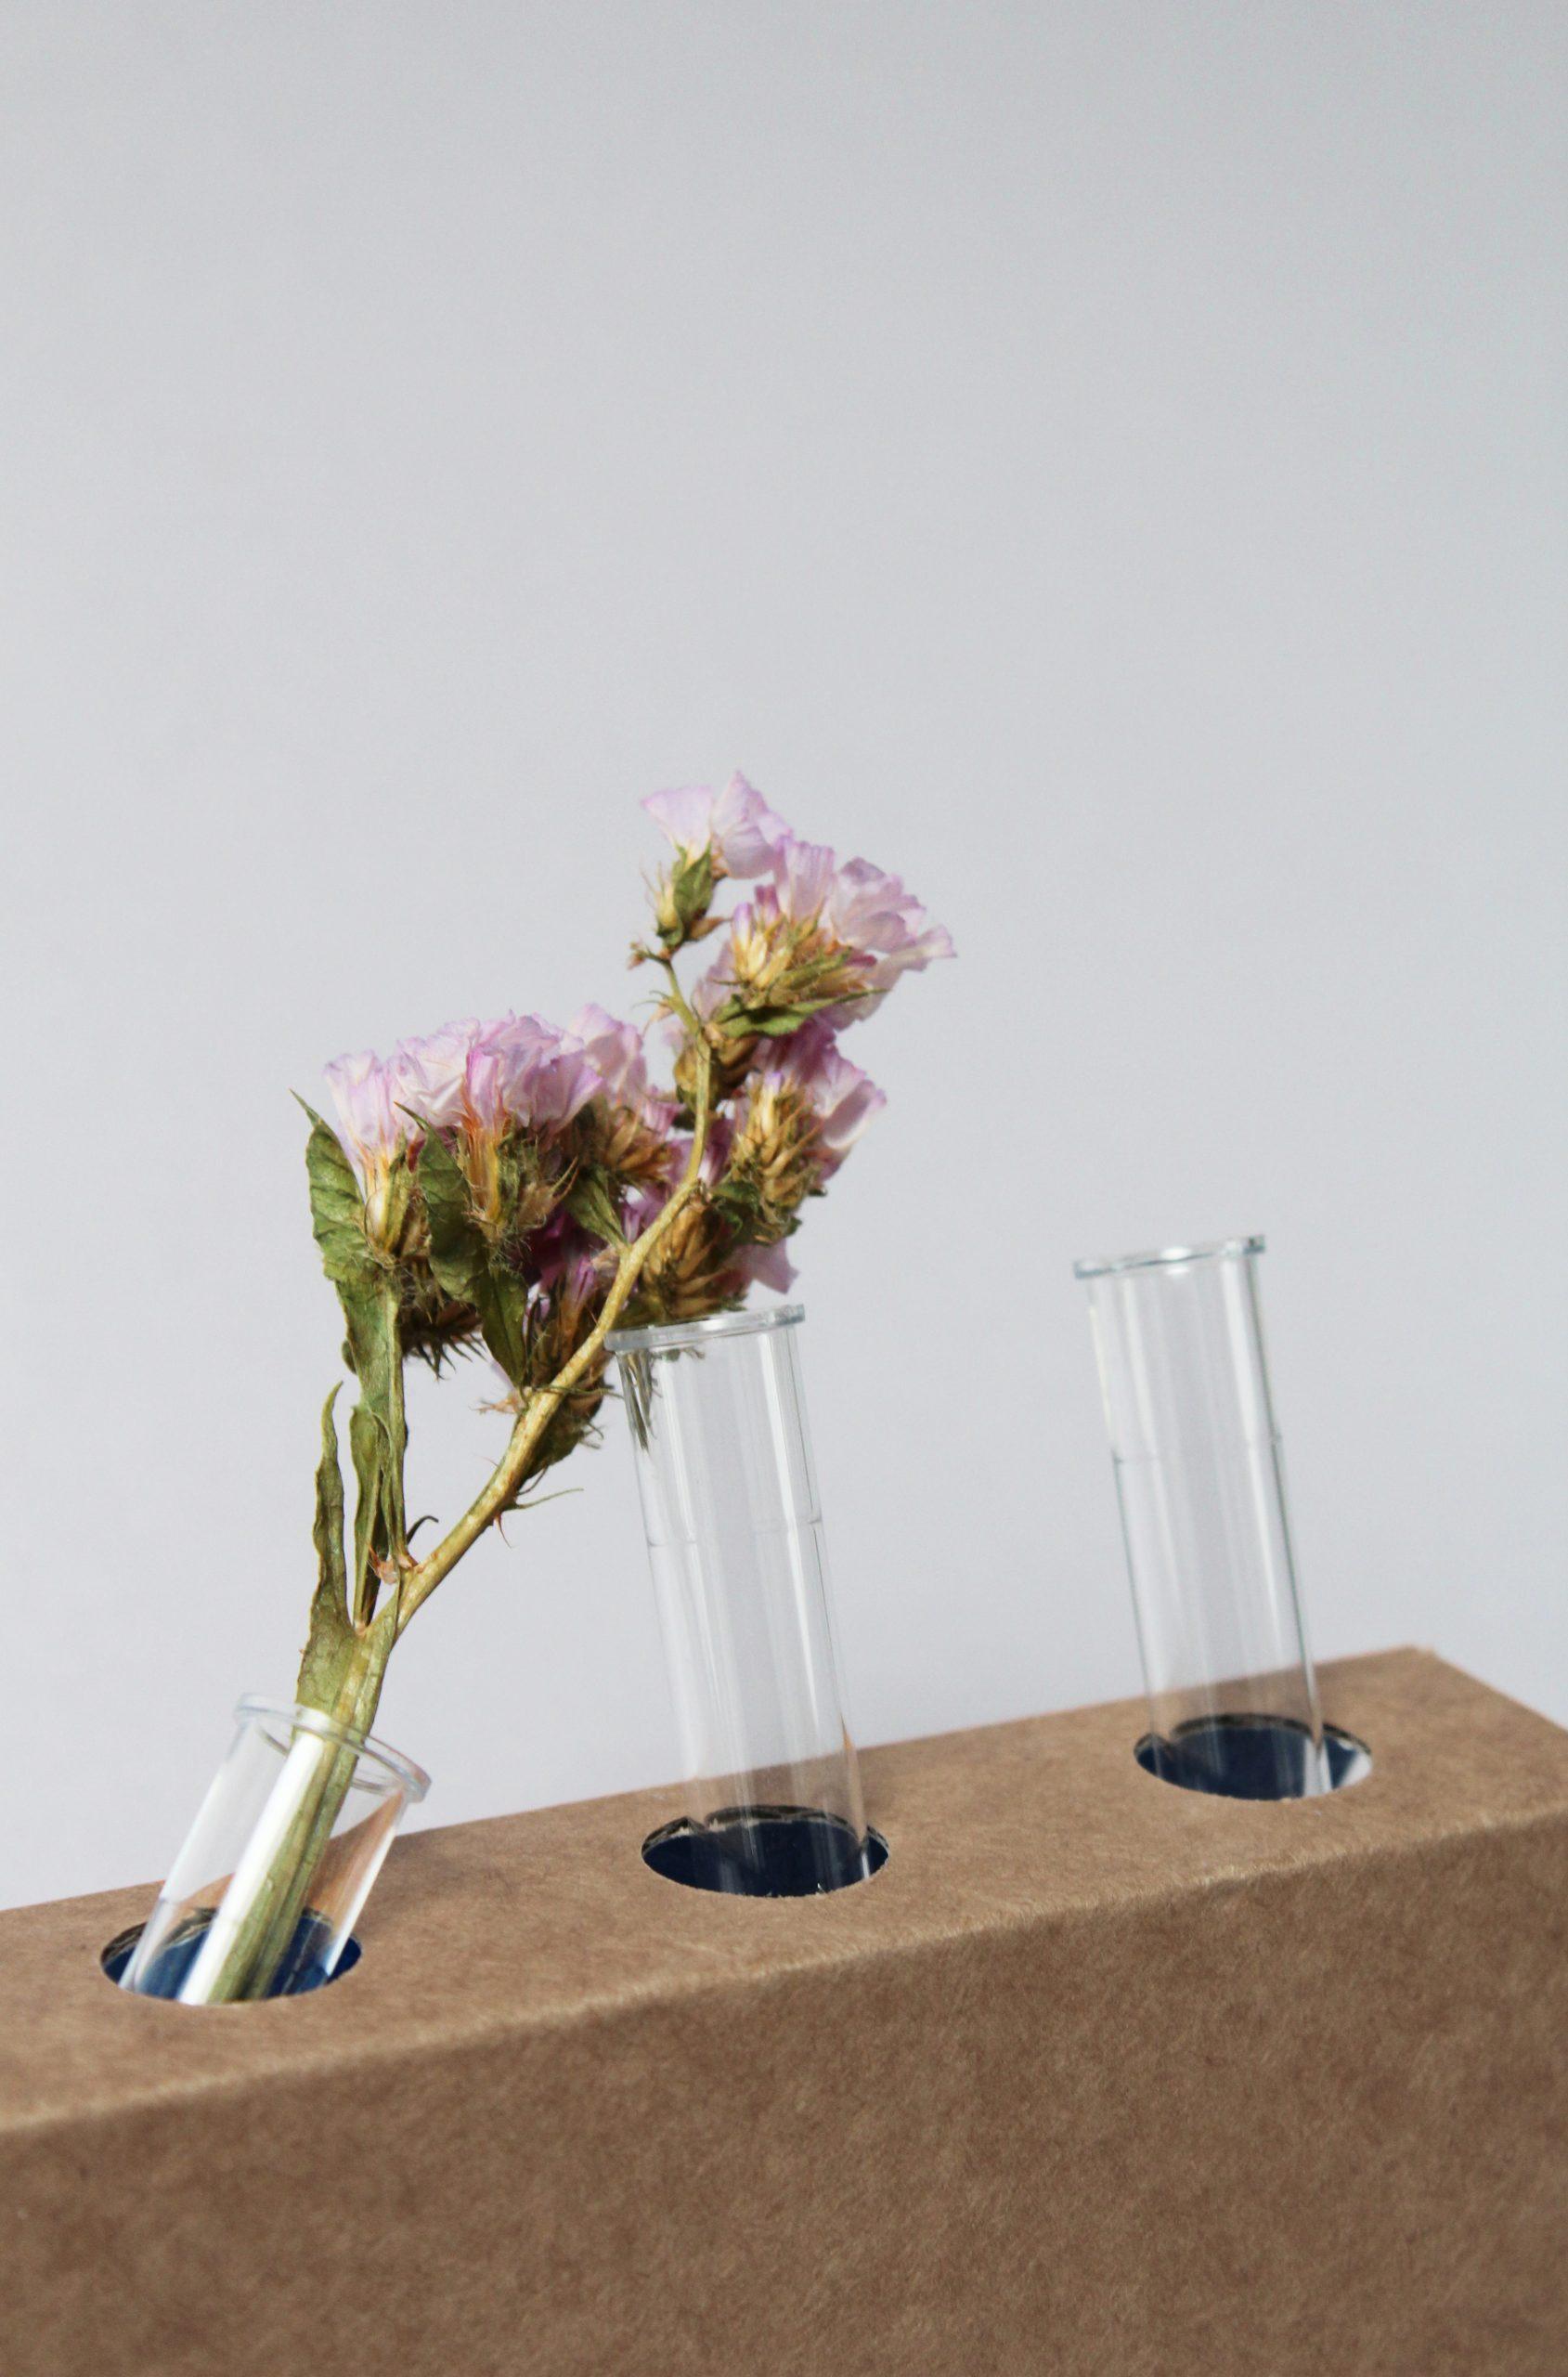 Flower_lab03